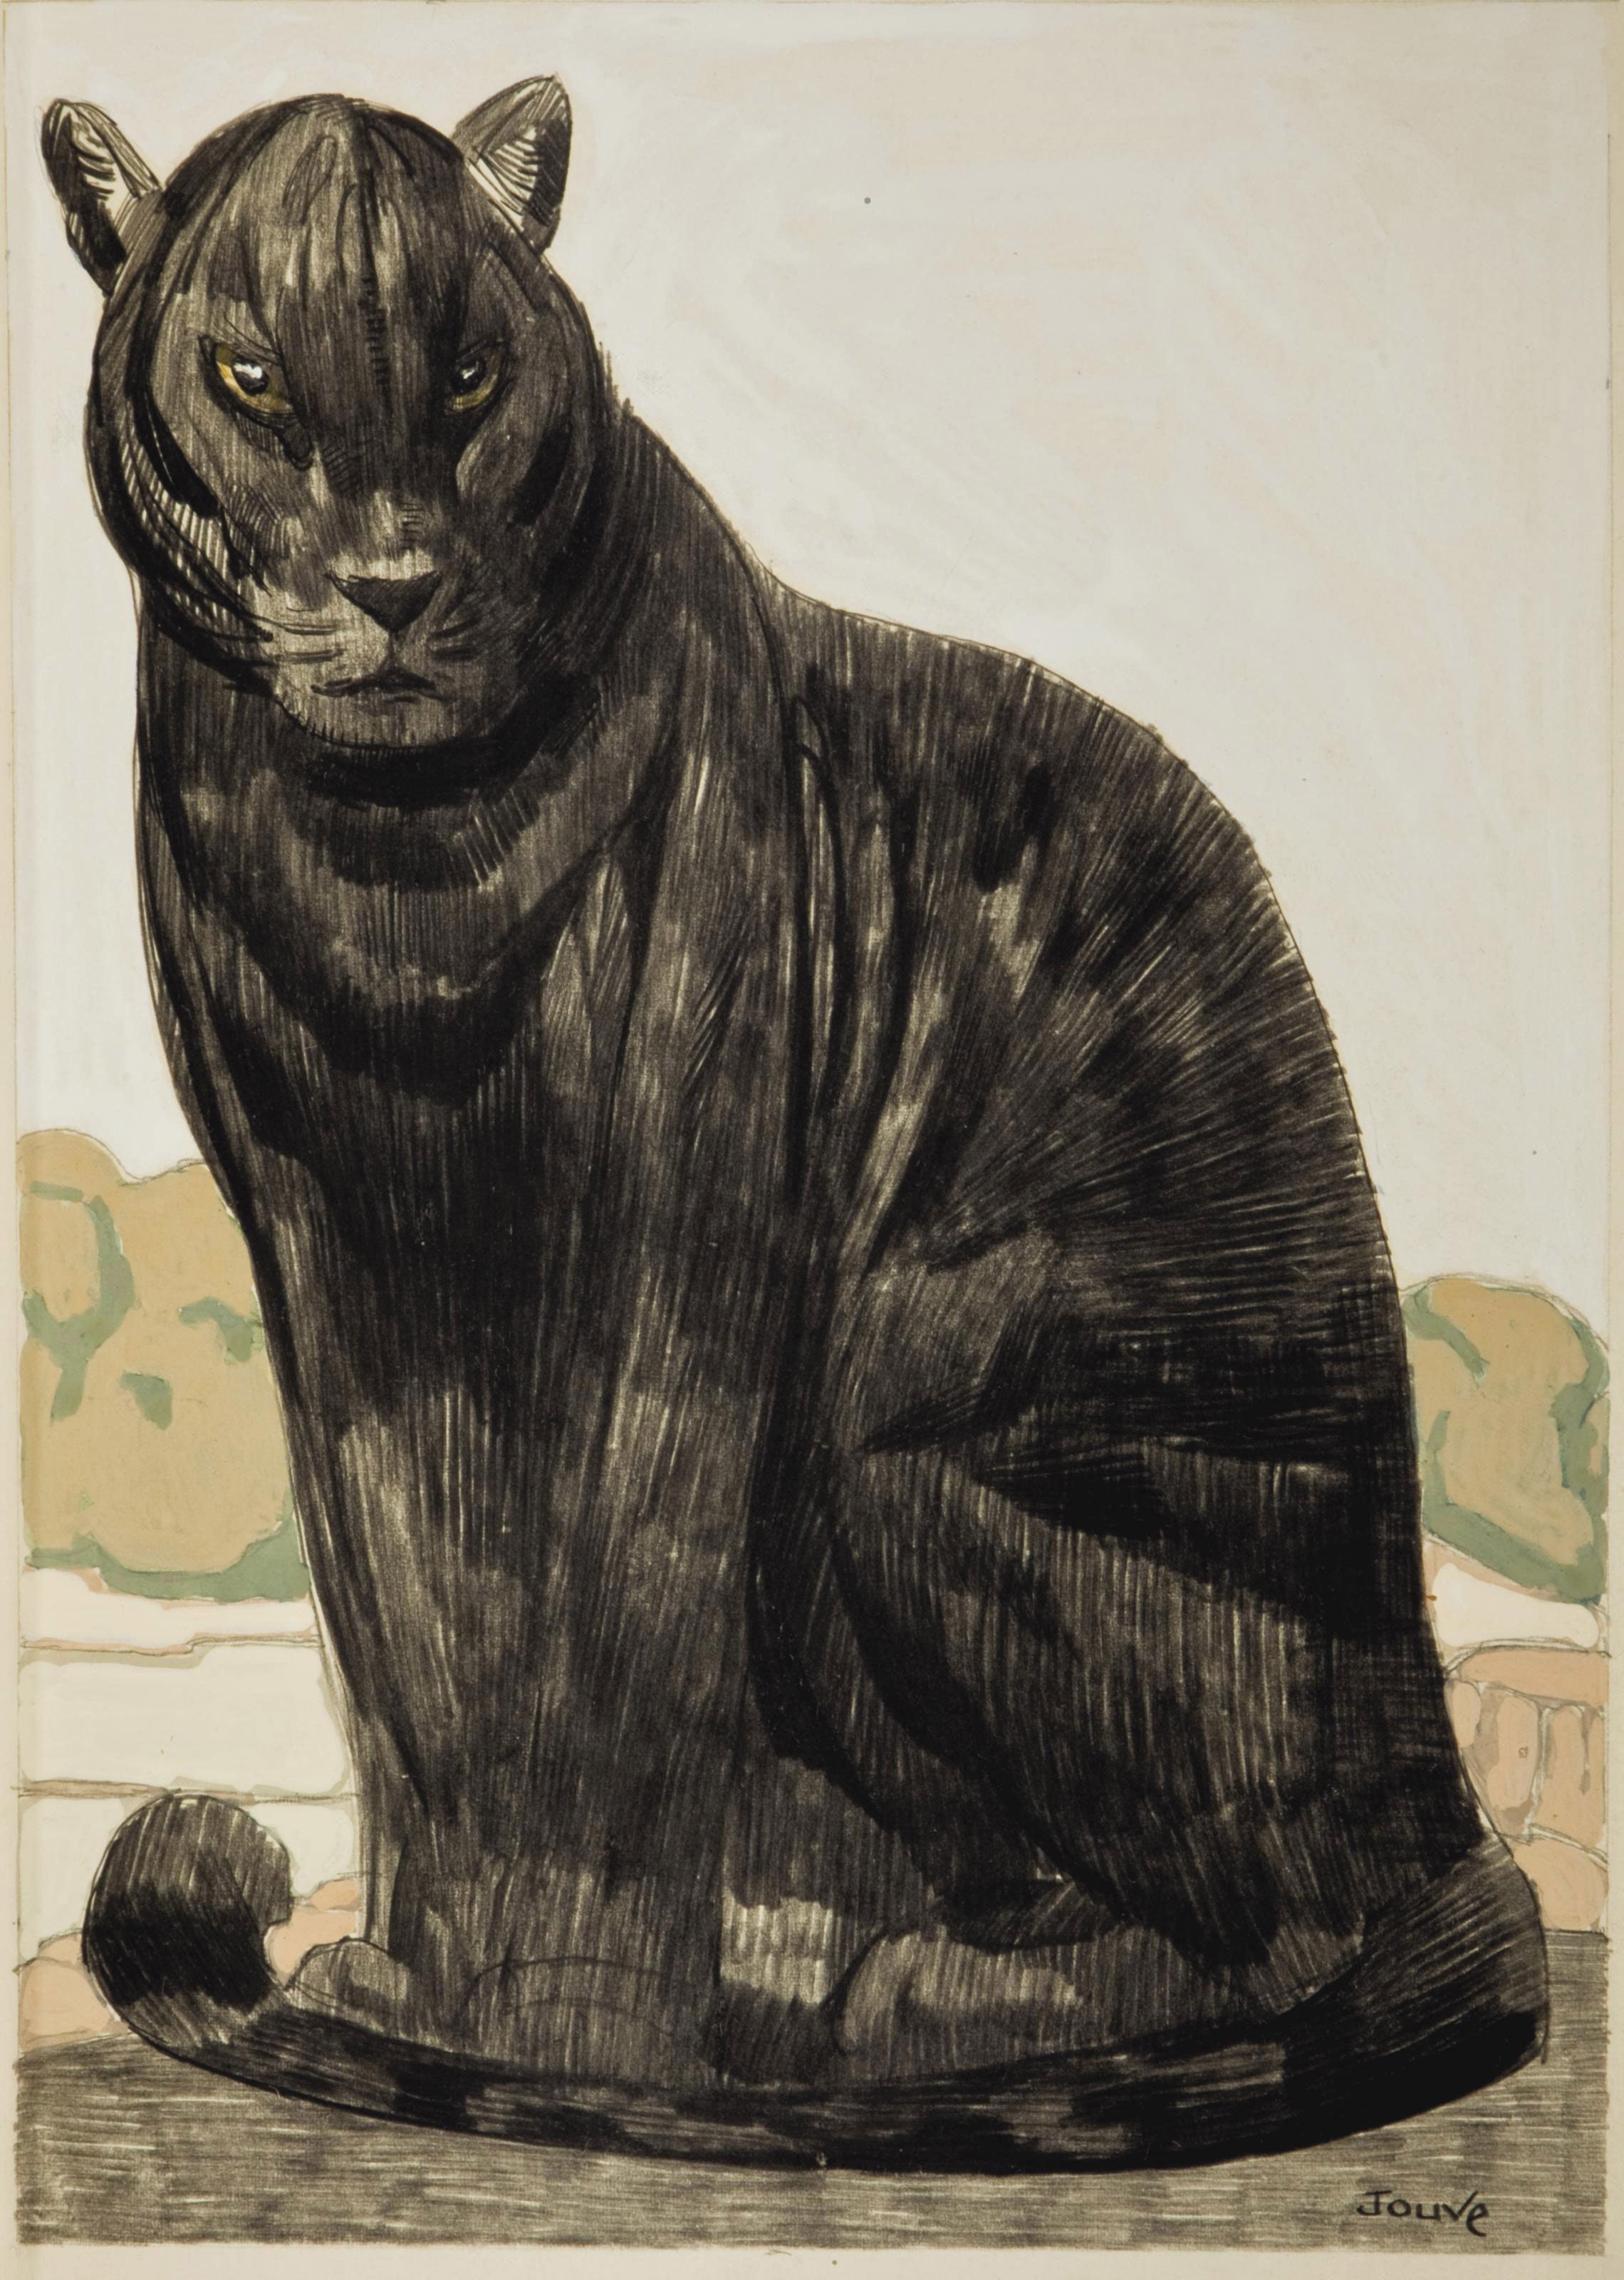 [JOUVE] -- KIPLING, Rudyard (1865-1936). Le Livre de la jungle [le second livre de la jungle]. Traduit de l'anglais par Louis Fabulet et Robert d'Humières. Paris: Société du livre contemporain, 1919.